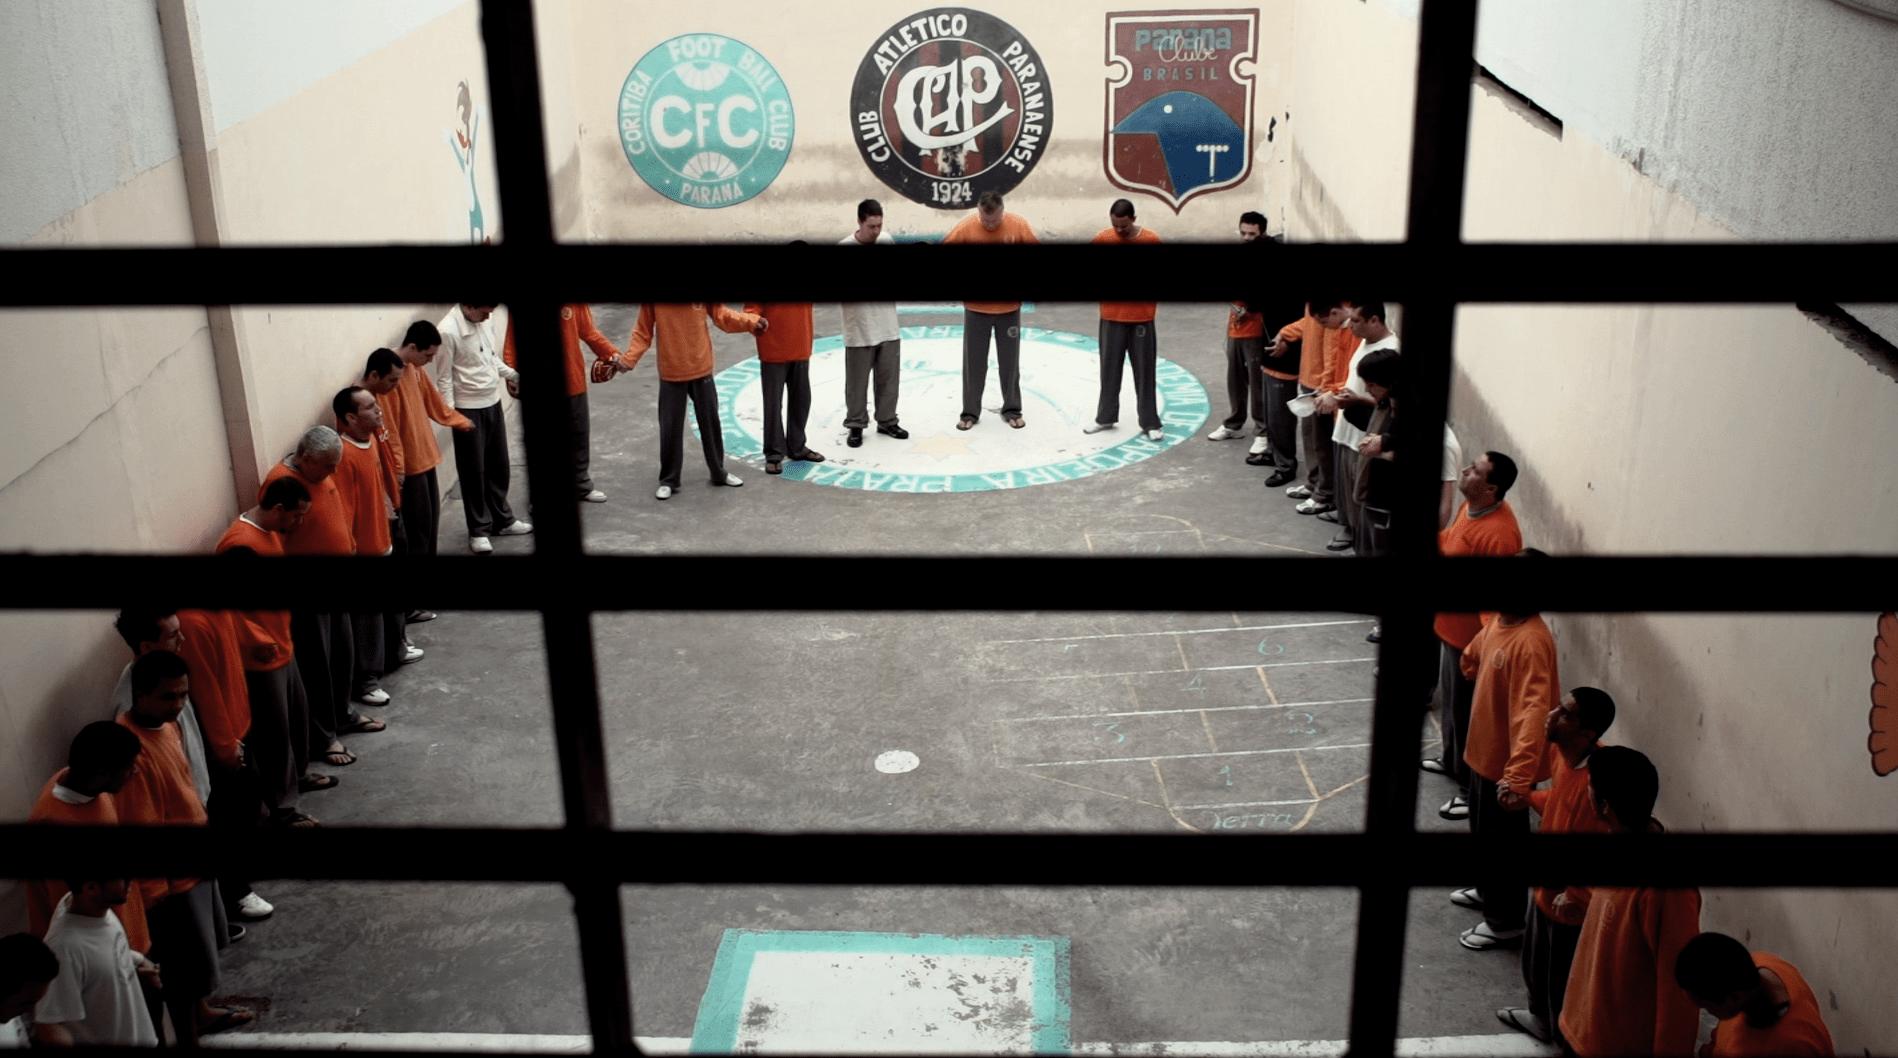 Pátio com presos